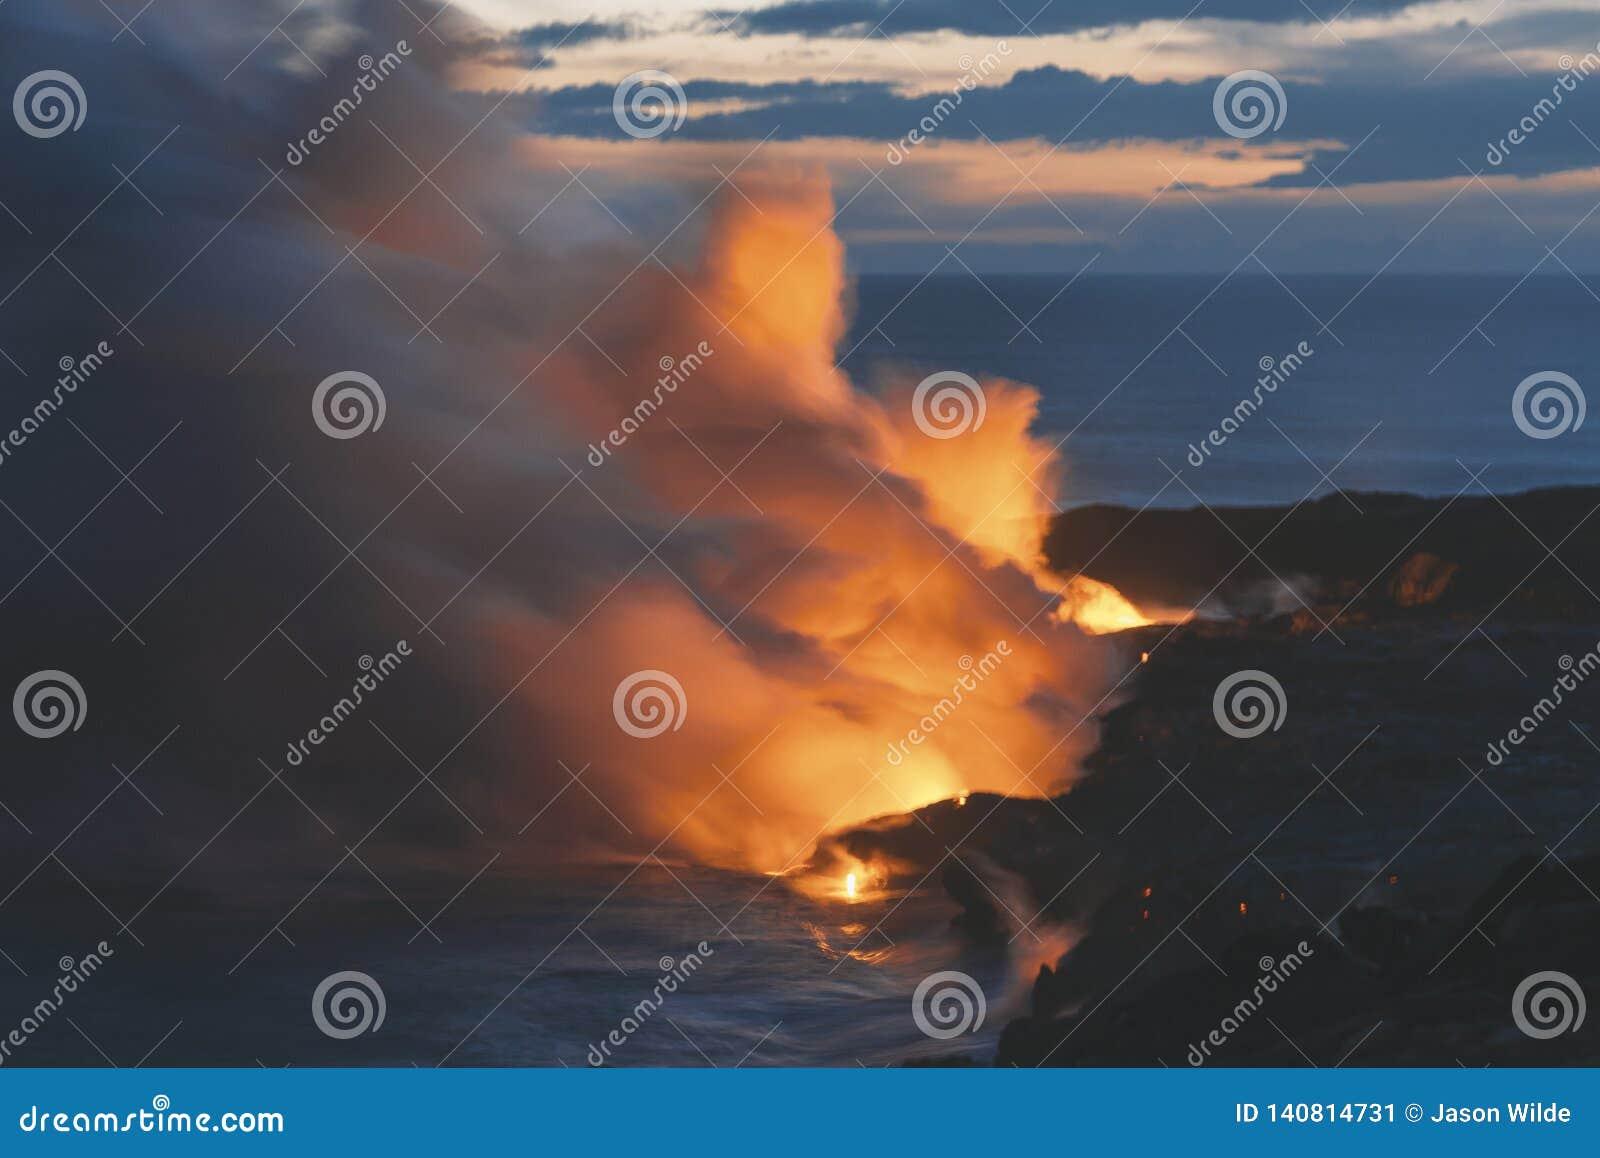 Остров США Гаваи большой, волшебное scenics пляжей, заходы солнца, вулканы, утесы, фотография изящного искусства